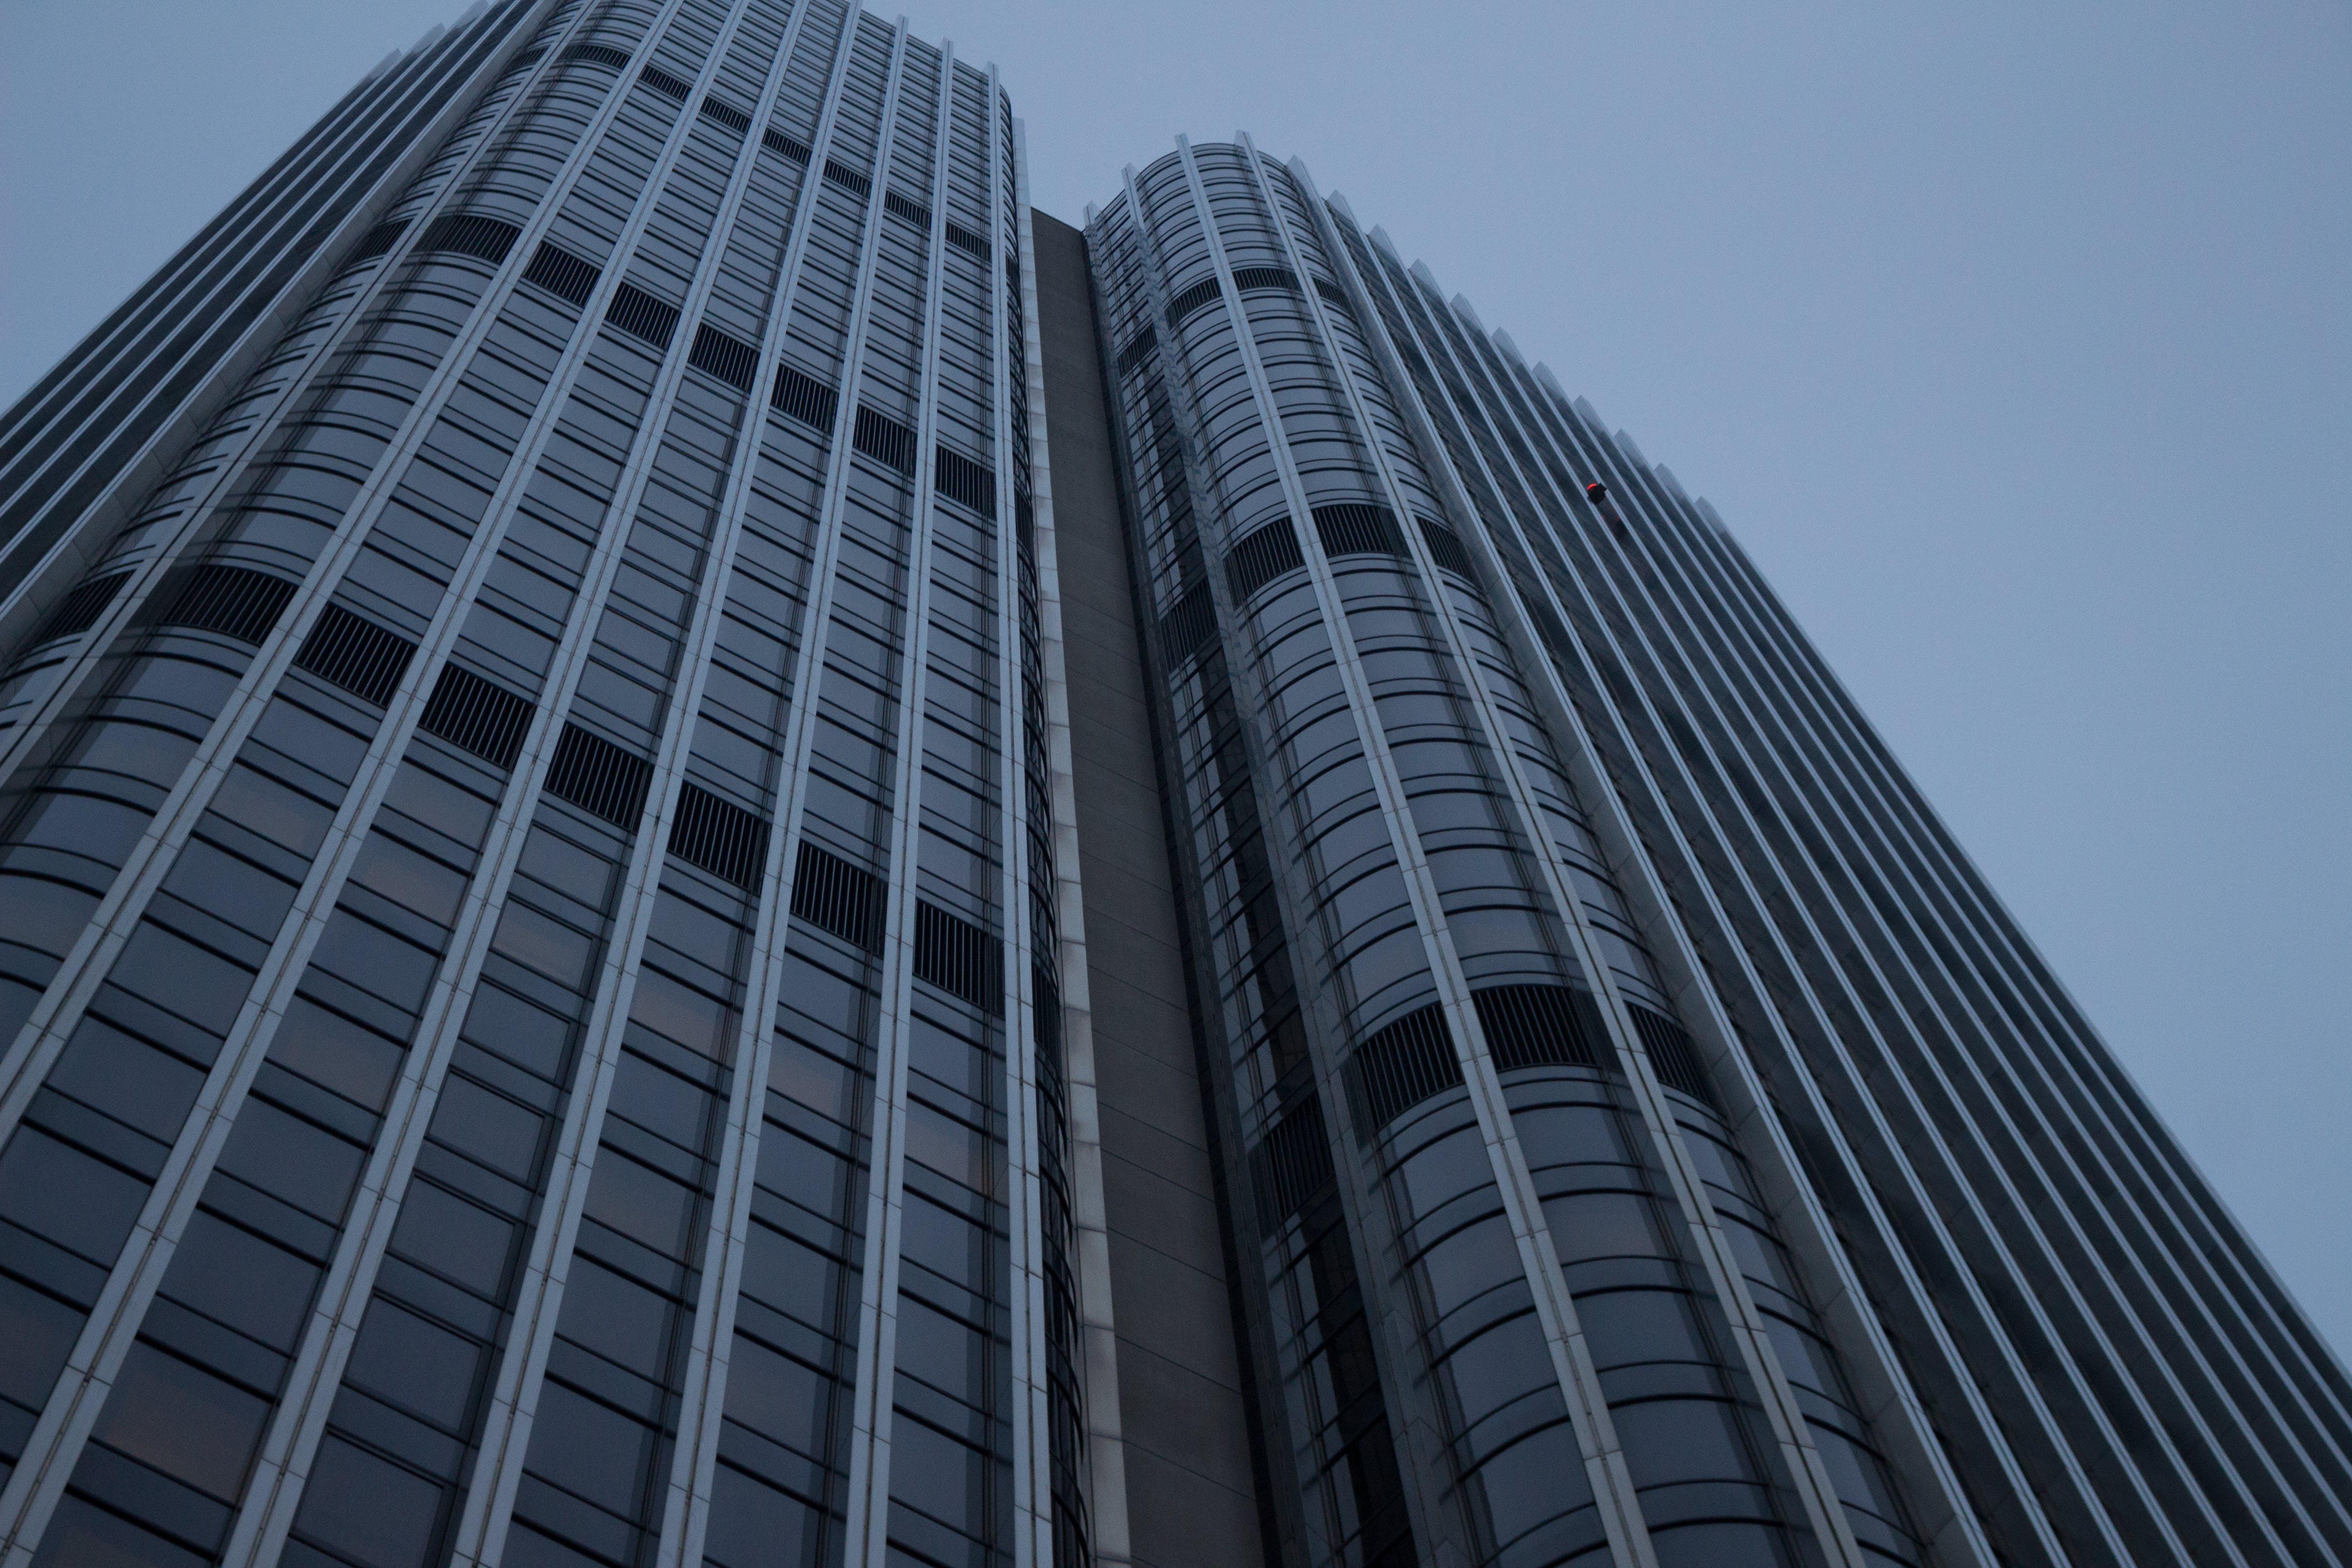 Immagine gratuita di alba, architettura, articoli di vetro, centro città